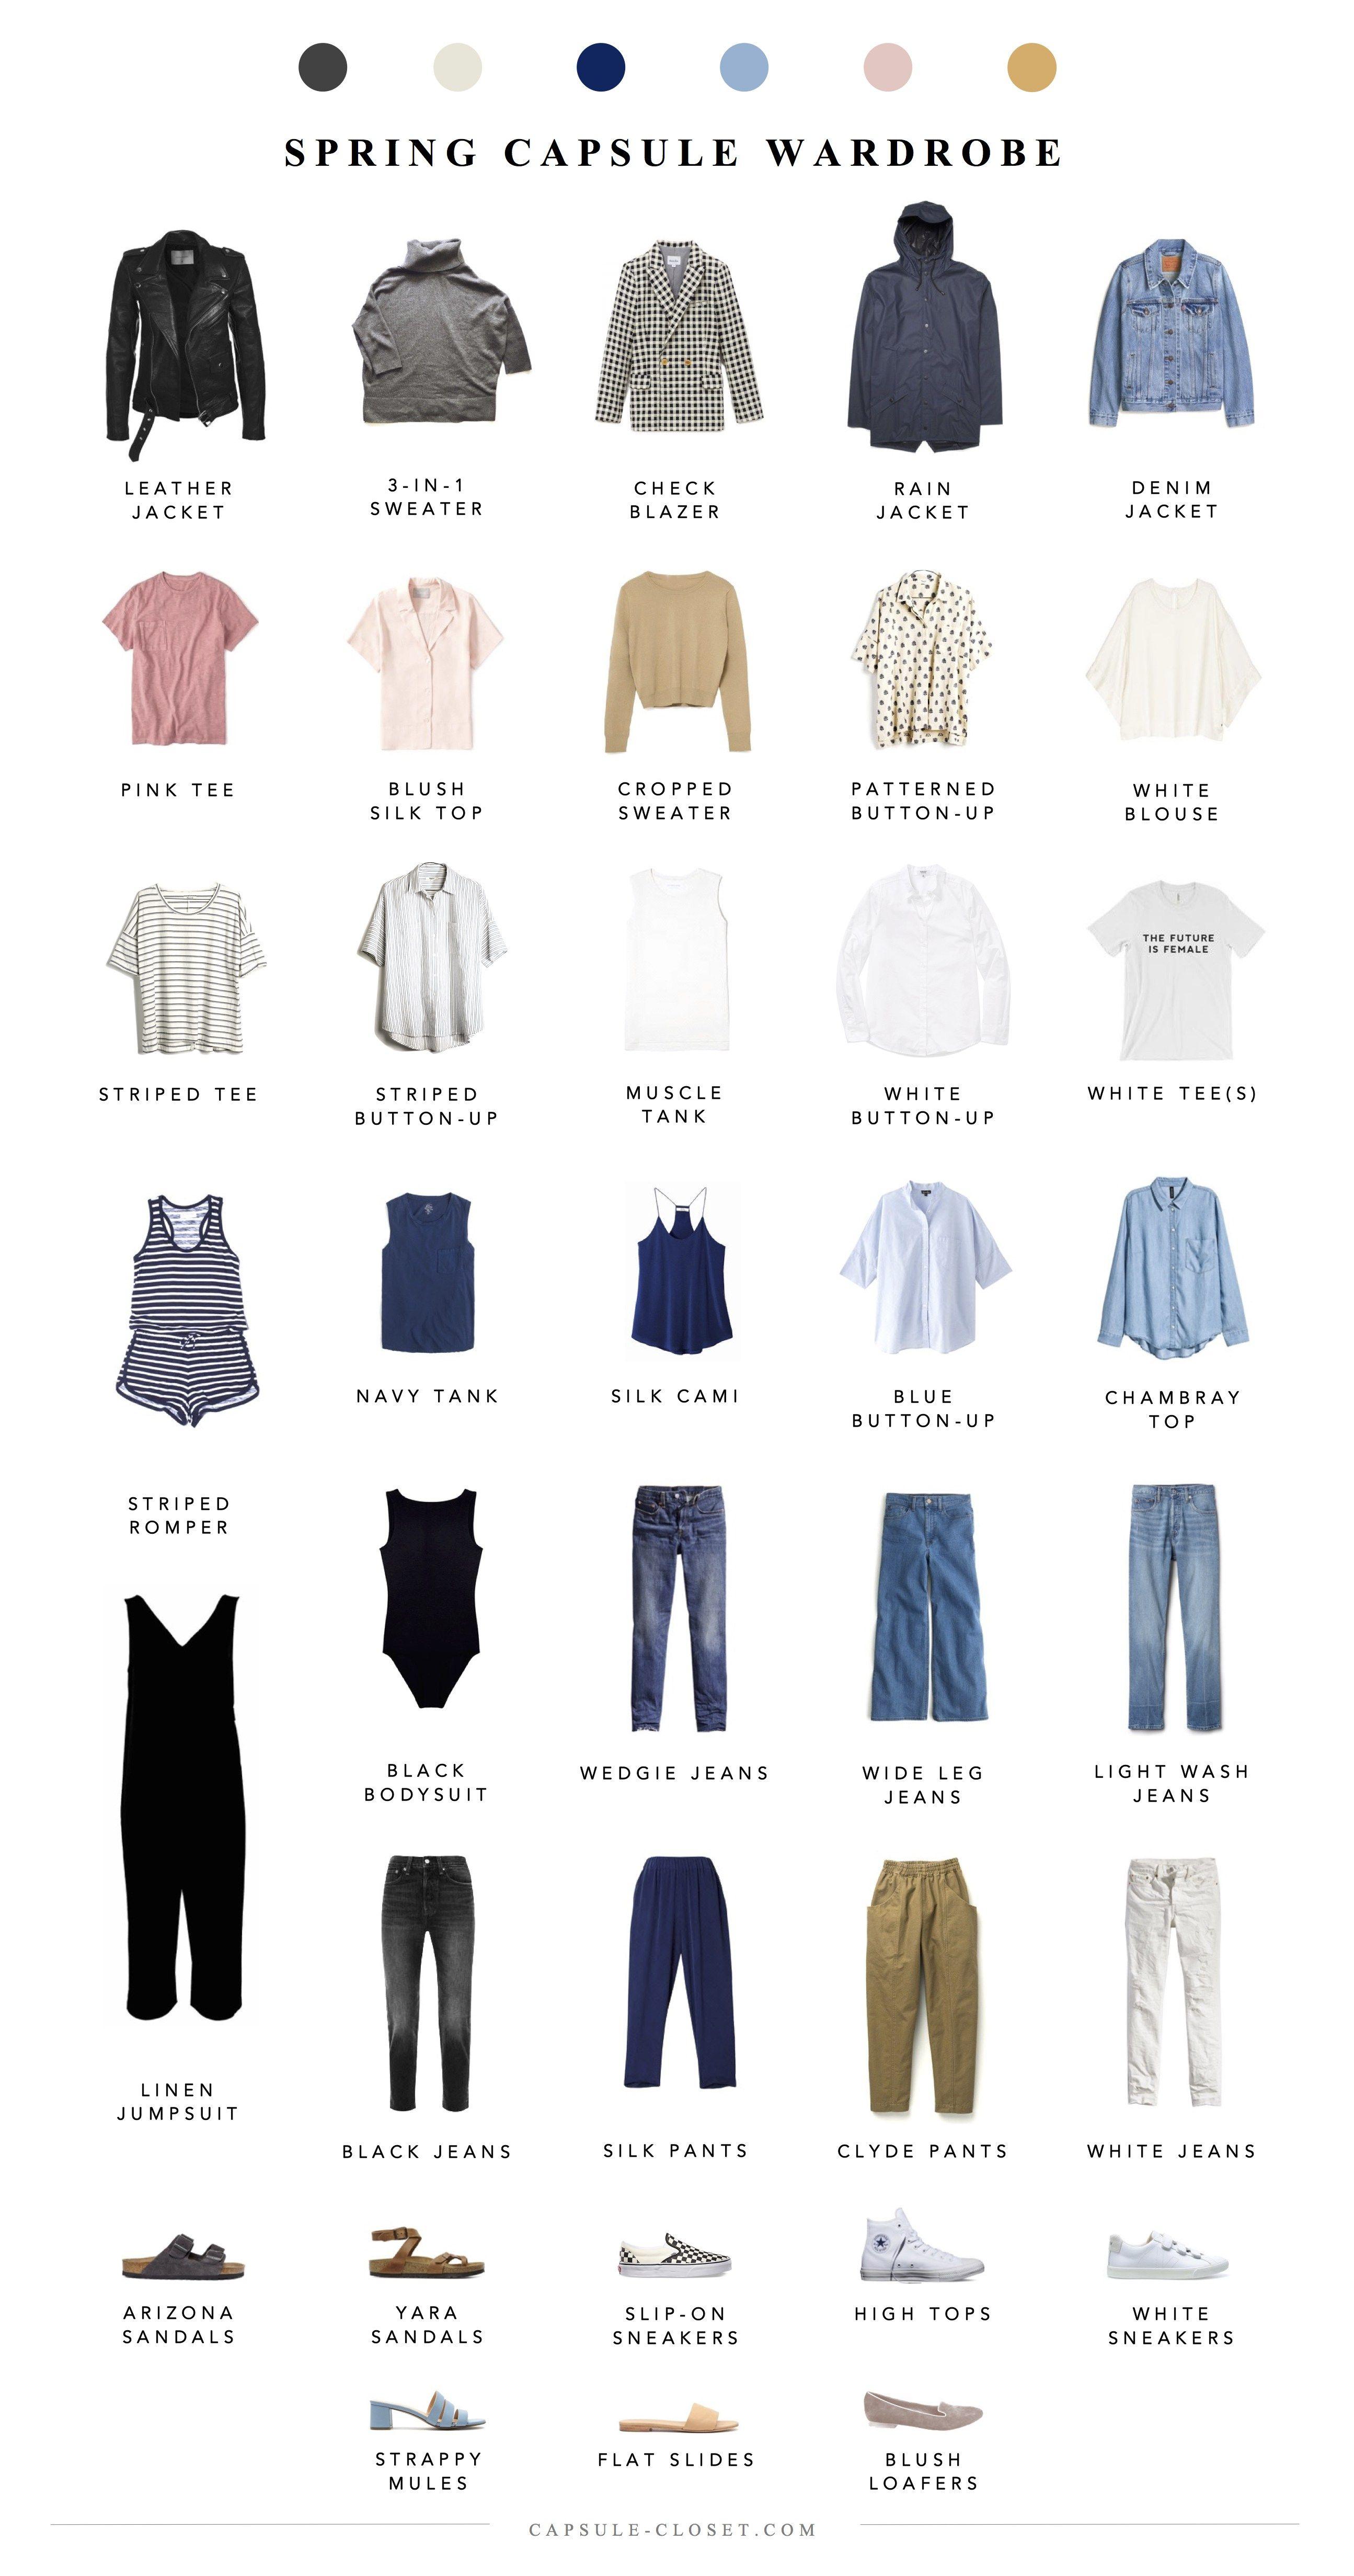 Spring 2018 Capsule Wardrobe